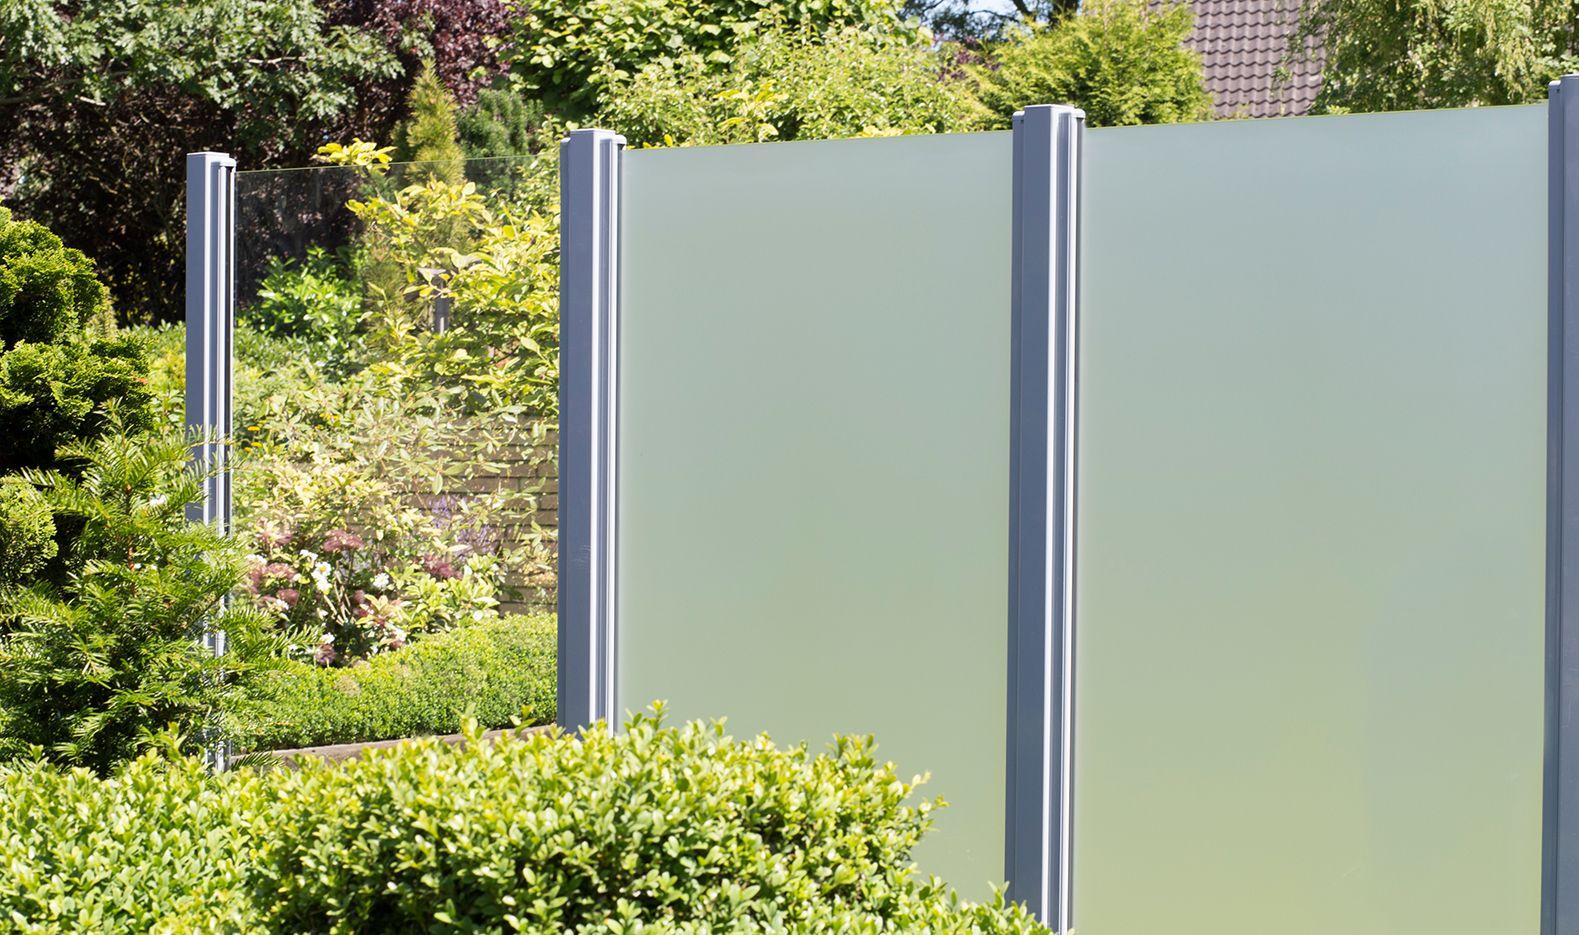 Modern Und Elegant Grojaambiente Glas Sichtschutz In Klar Und